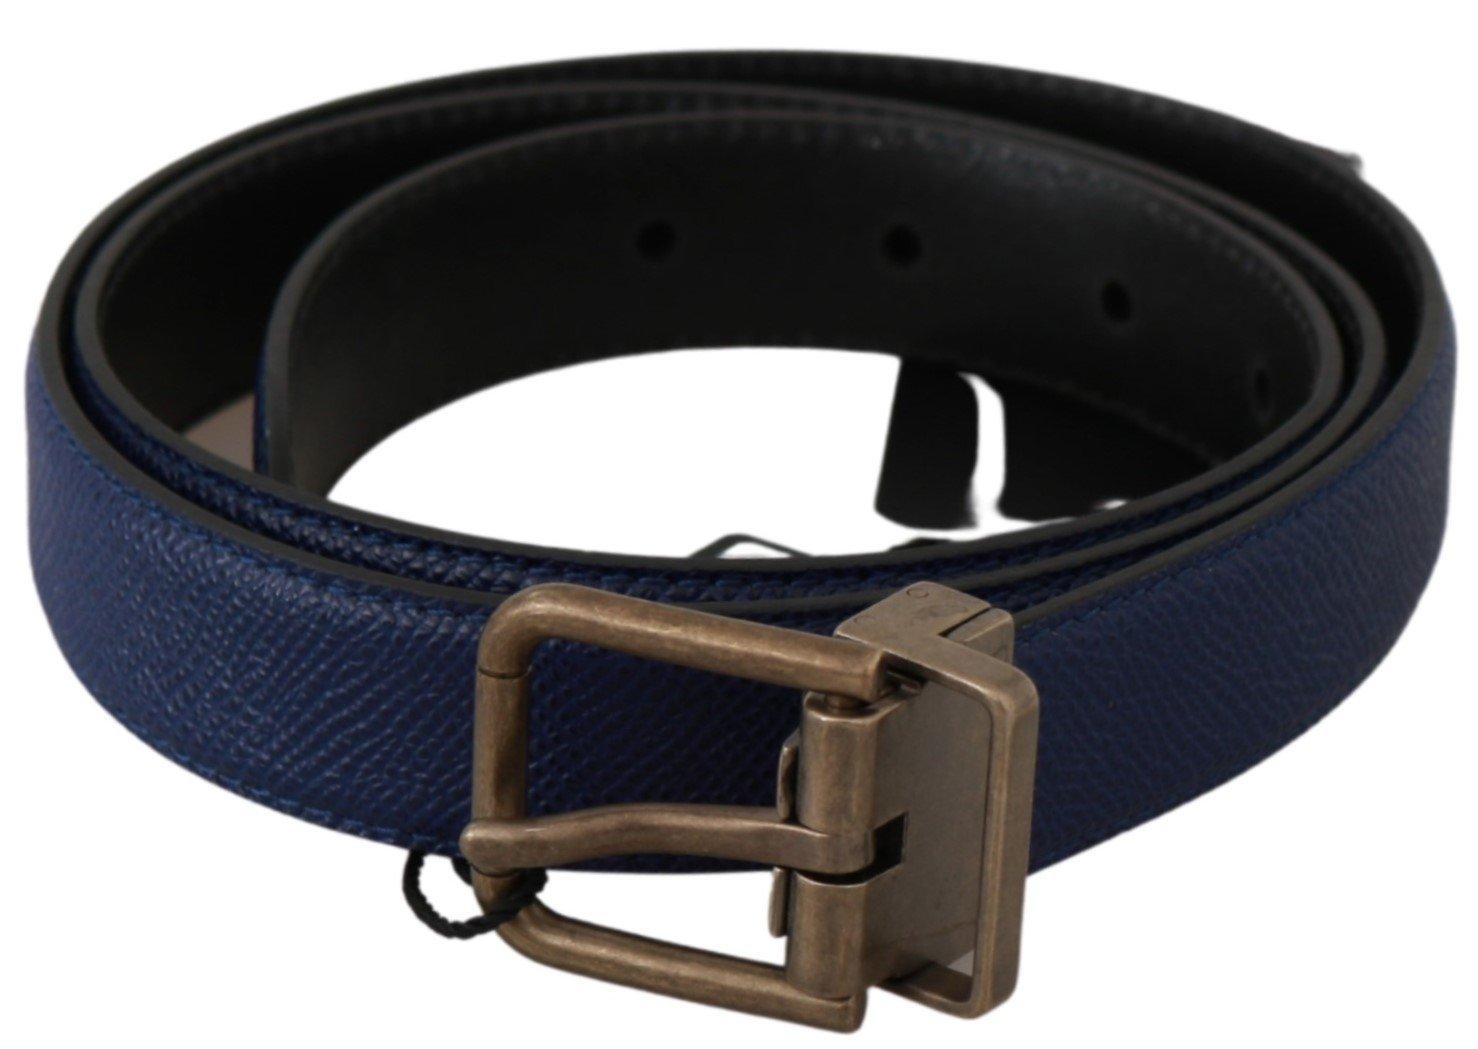 Dolce & Gabbana Men's Brushed Buckle Leather Belt Blue BEL60605 - 100 cm / 40 Inches